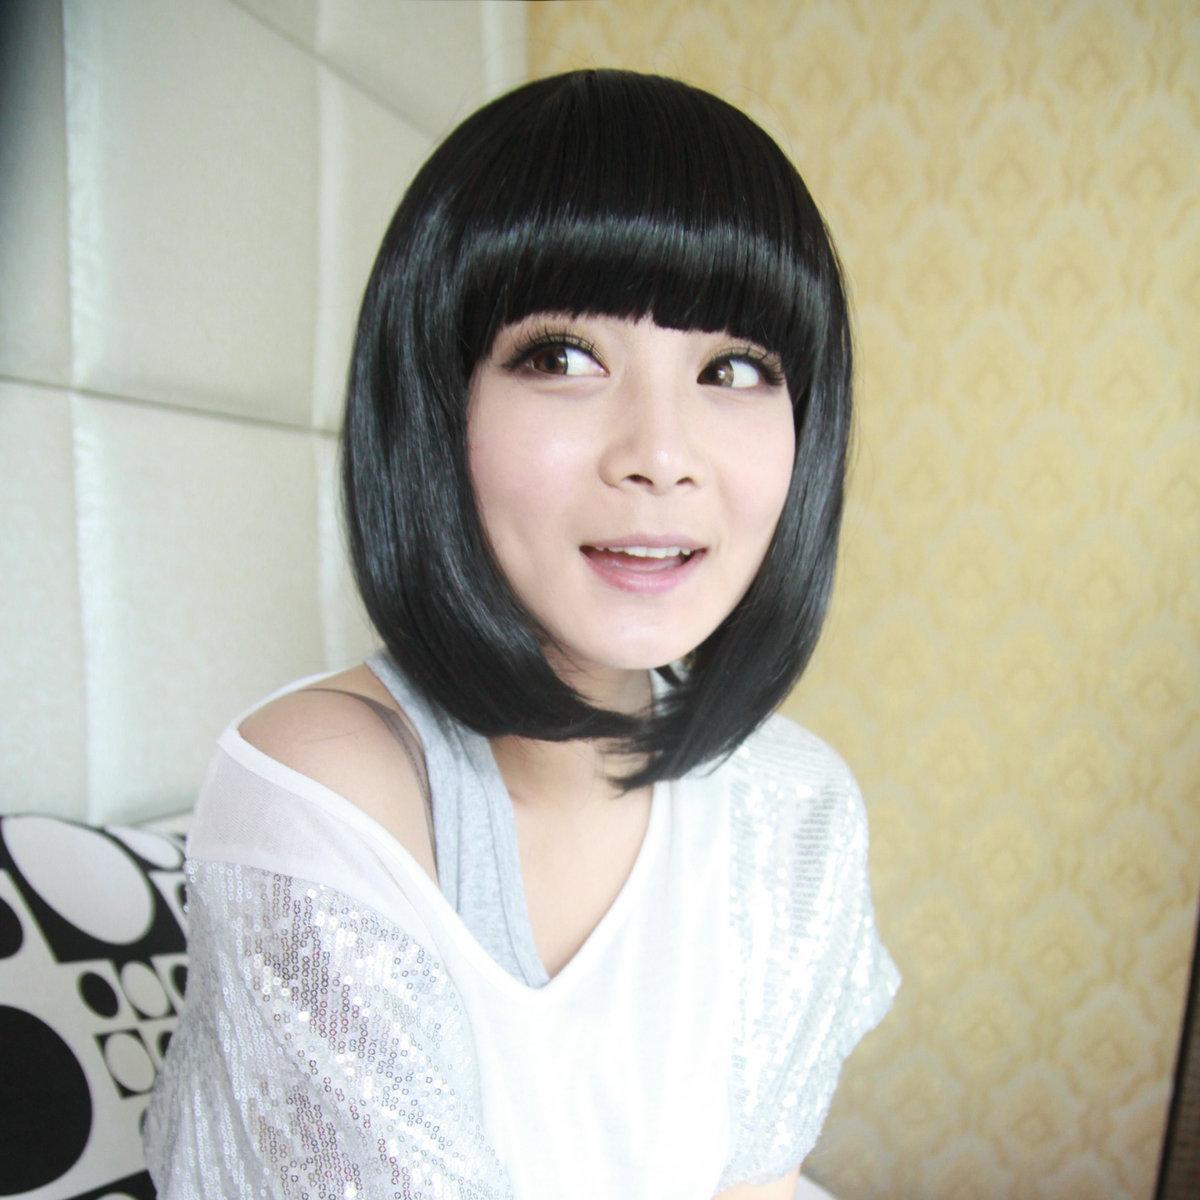 沙宣短发女长脸分享展示图片